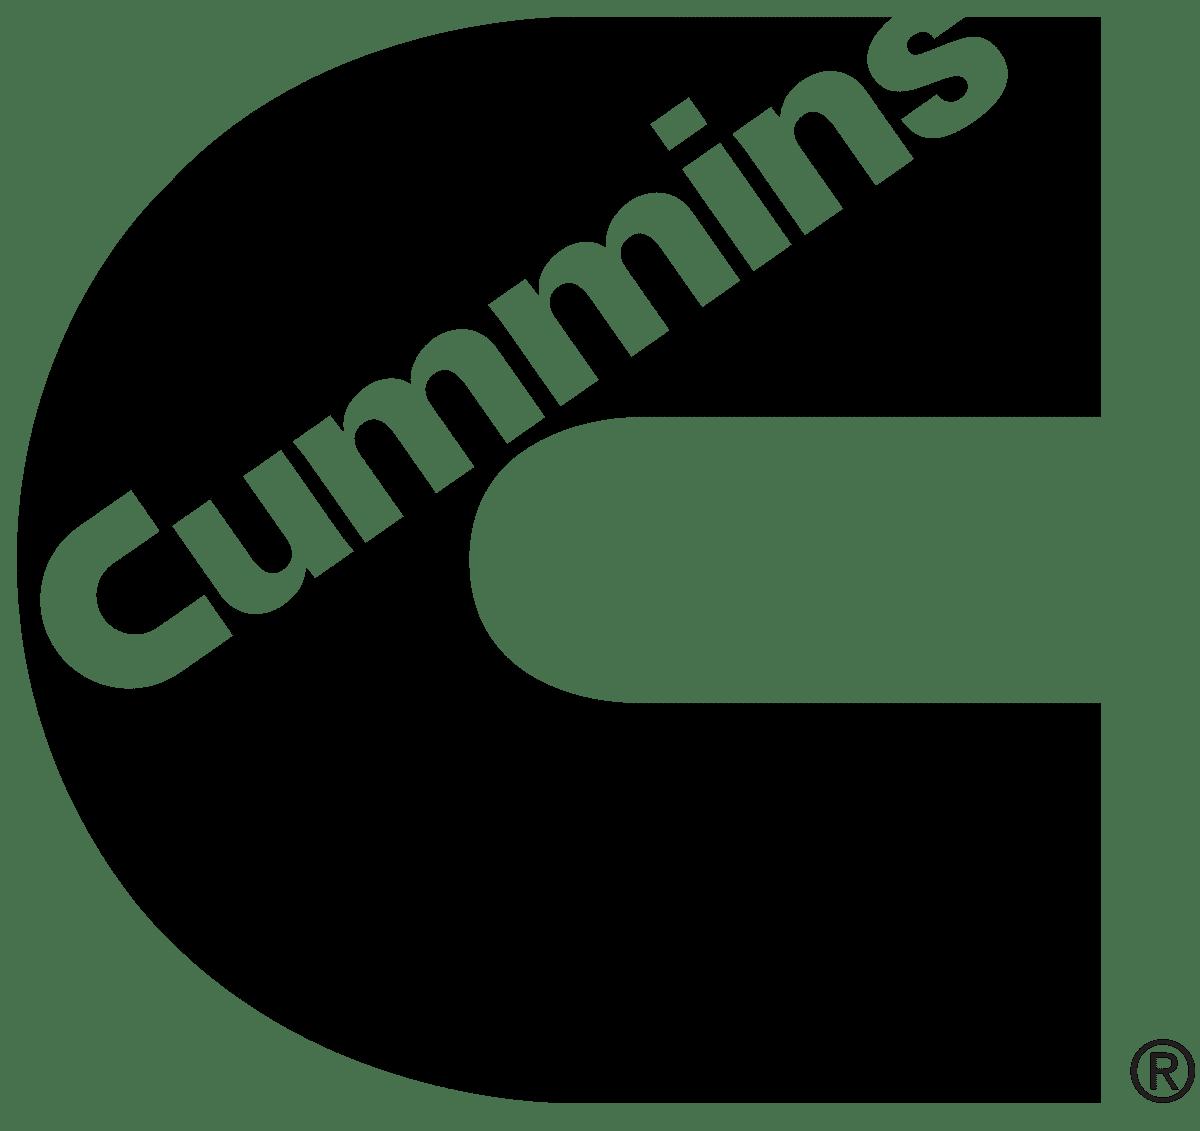 cummins - Concessionnaire moteur